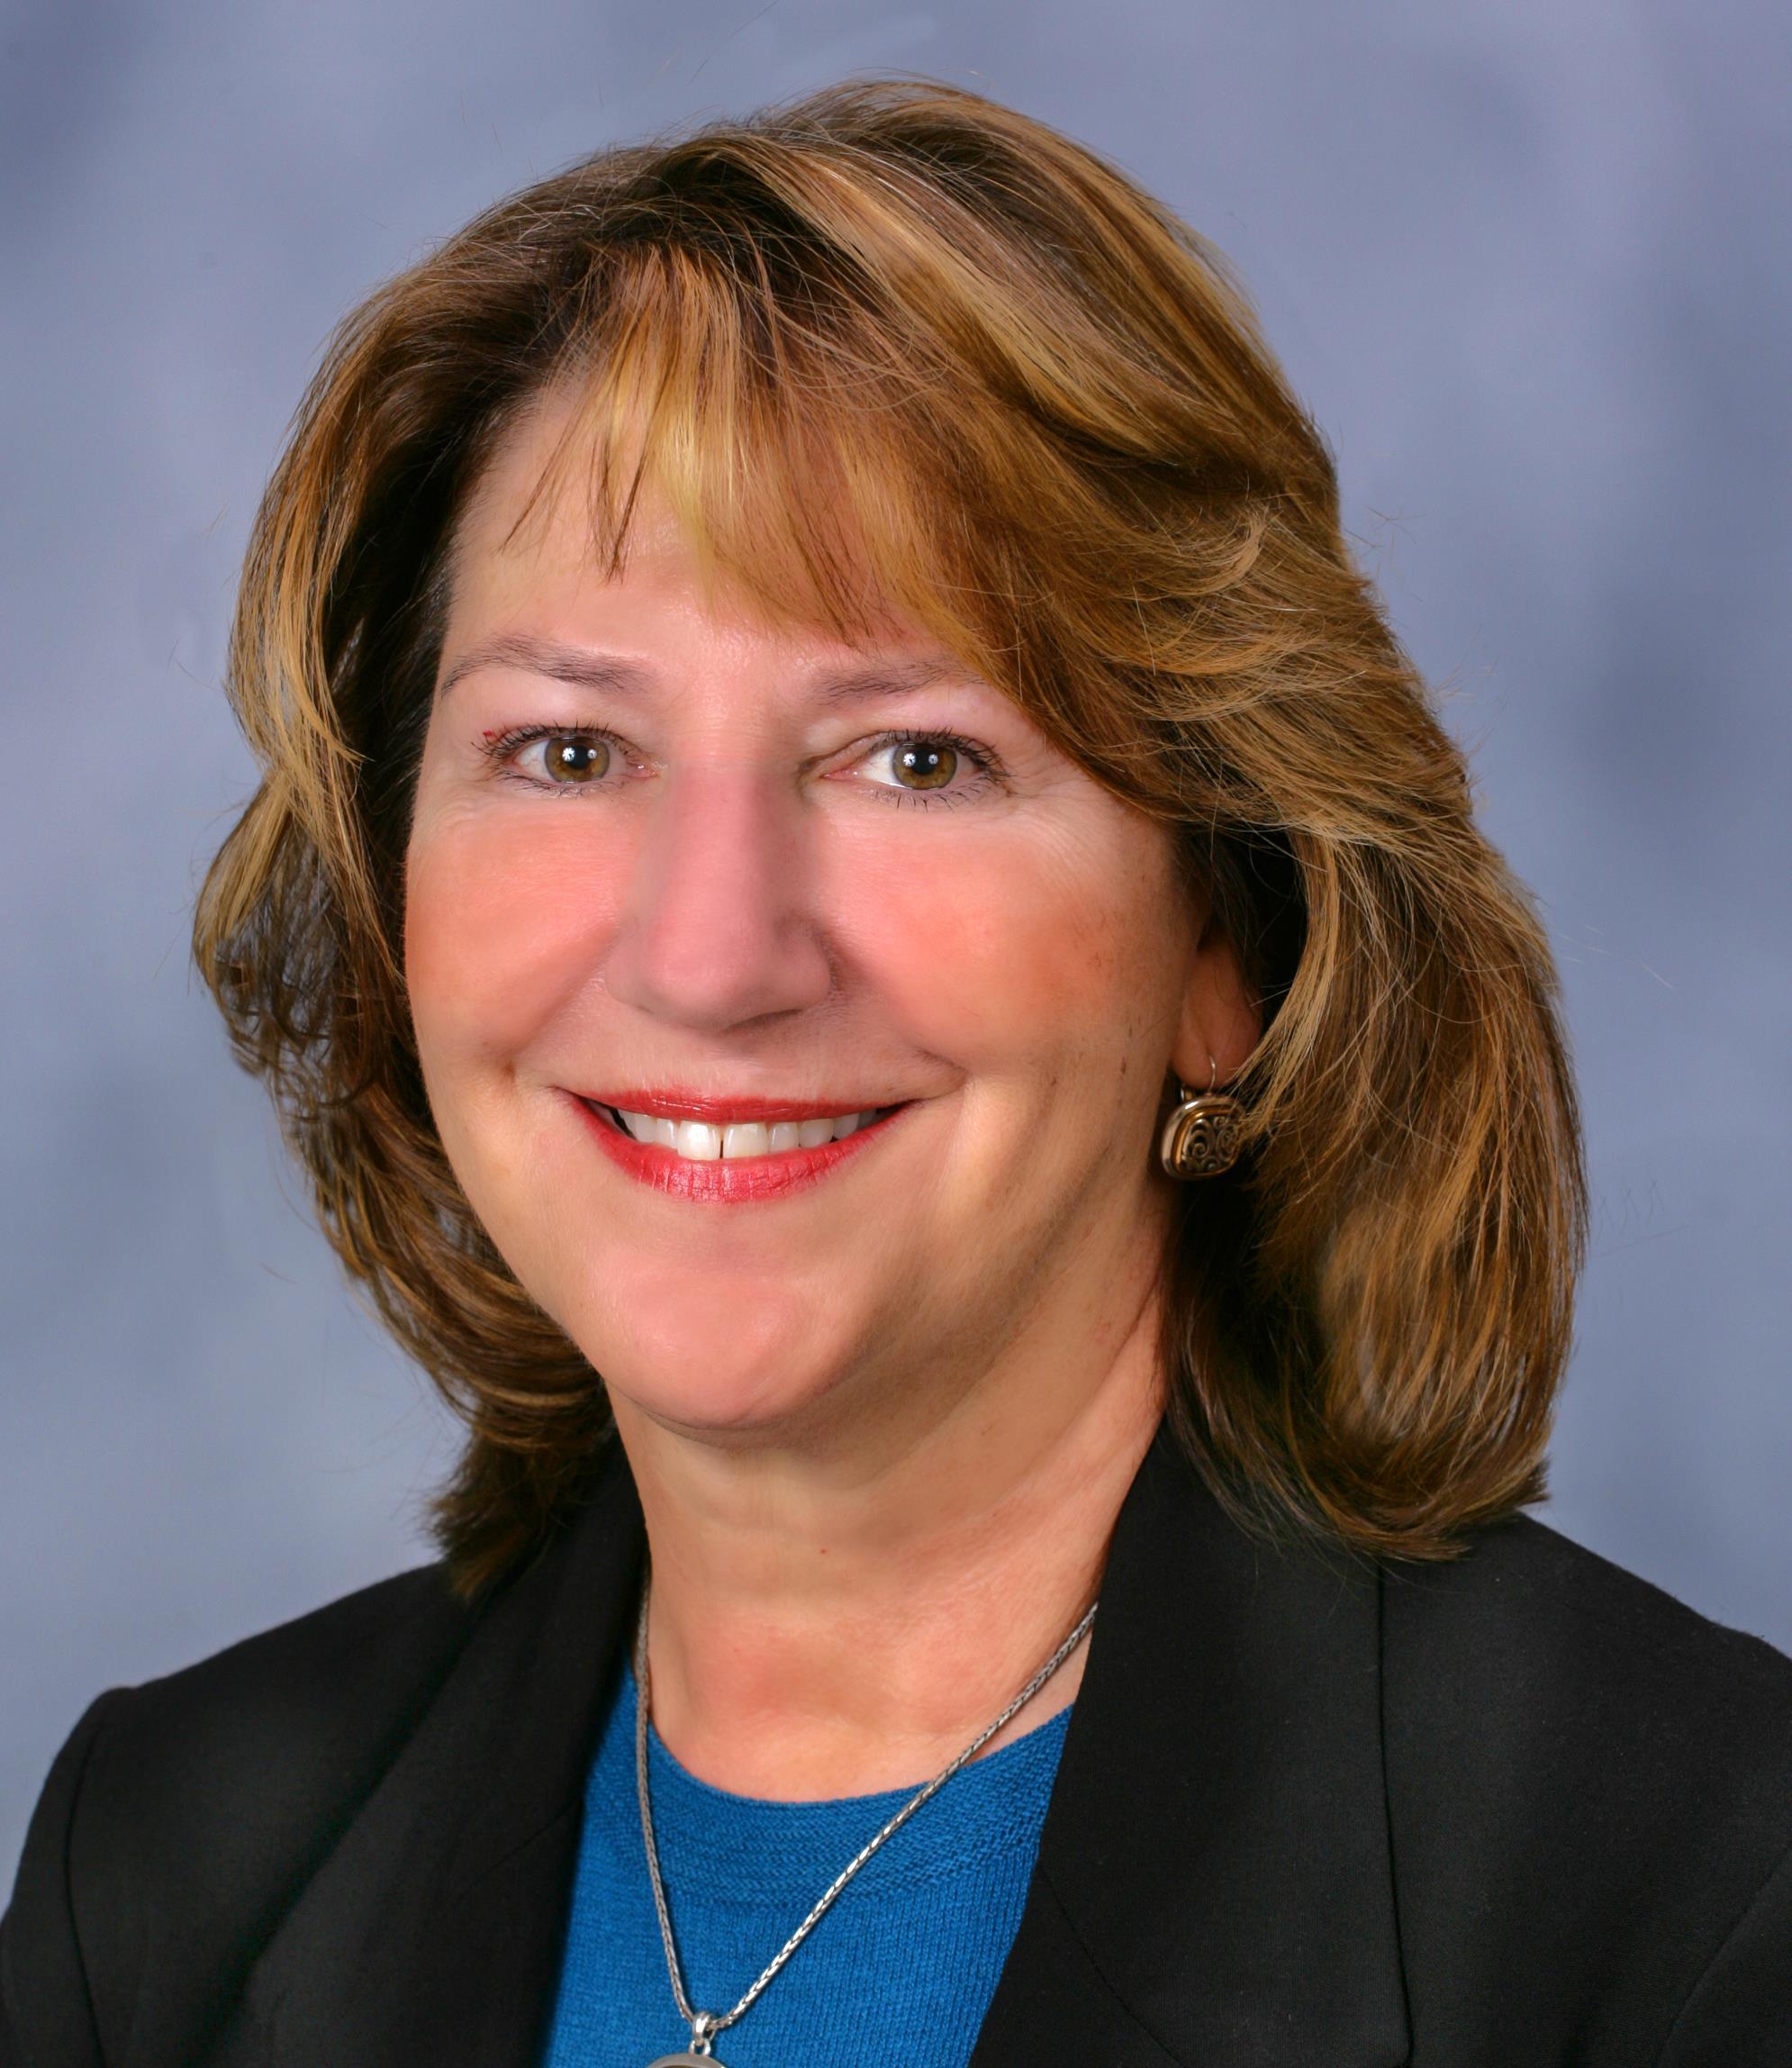 Julie Grinder